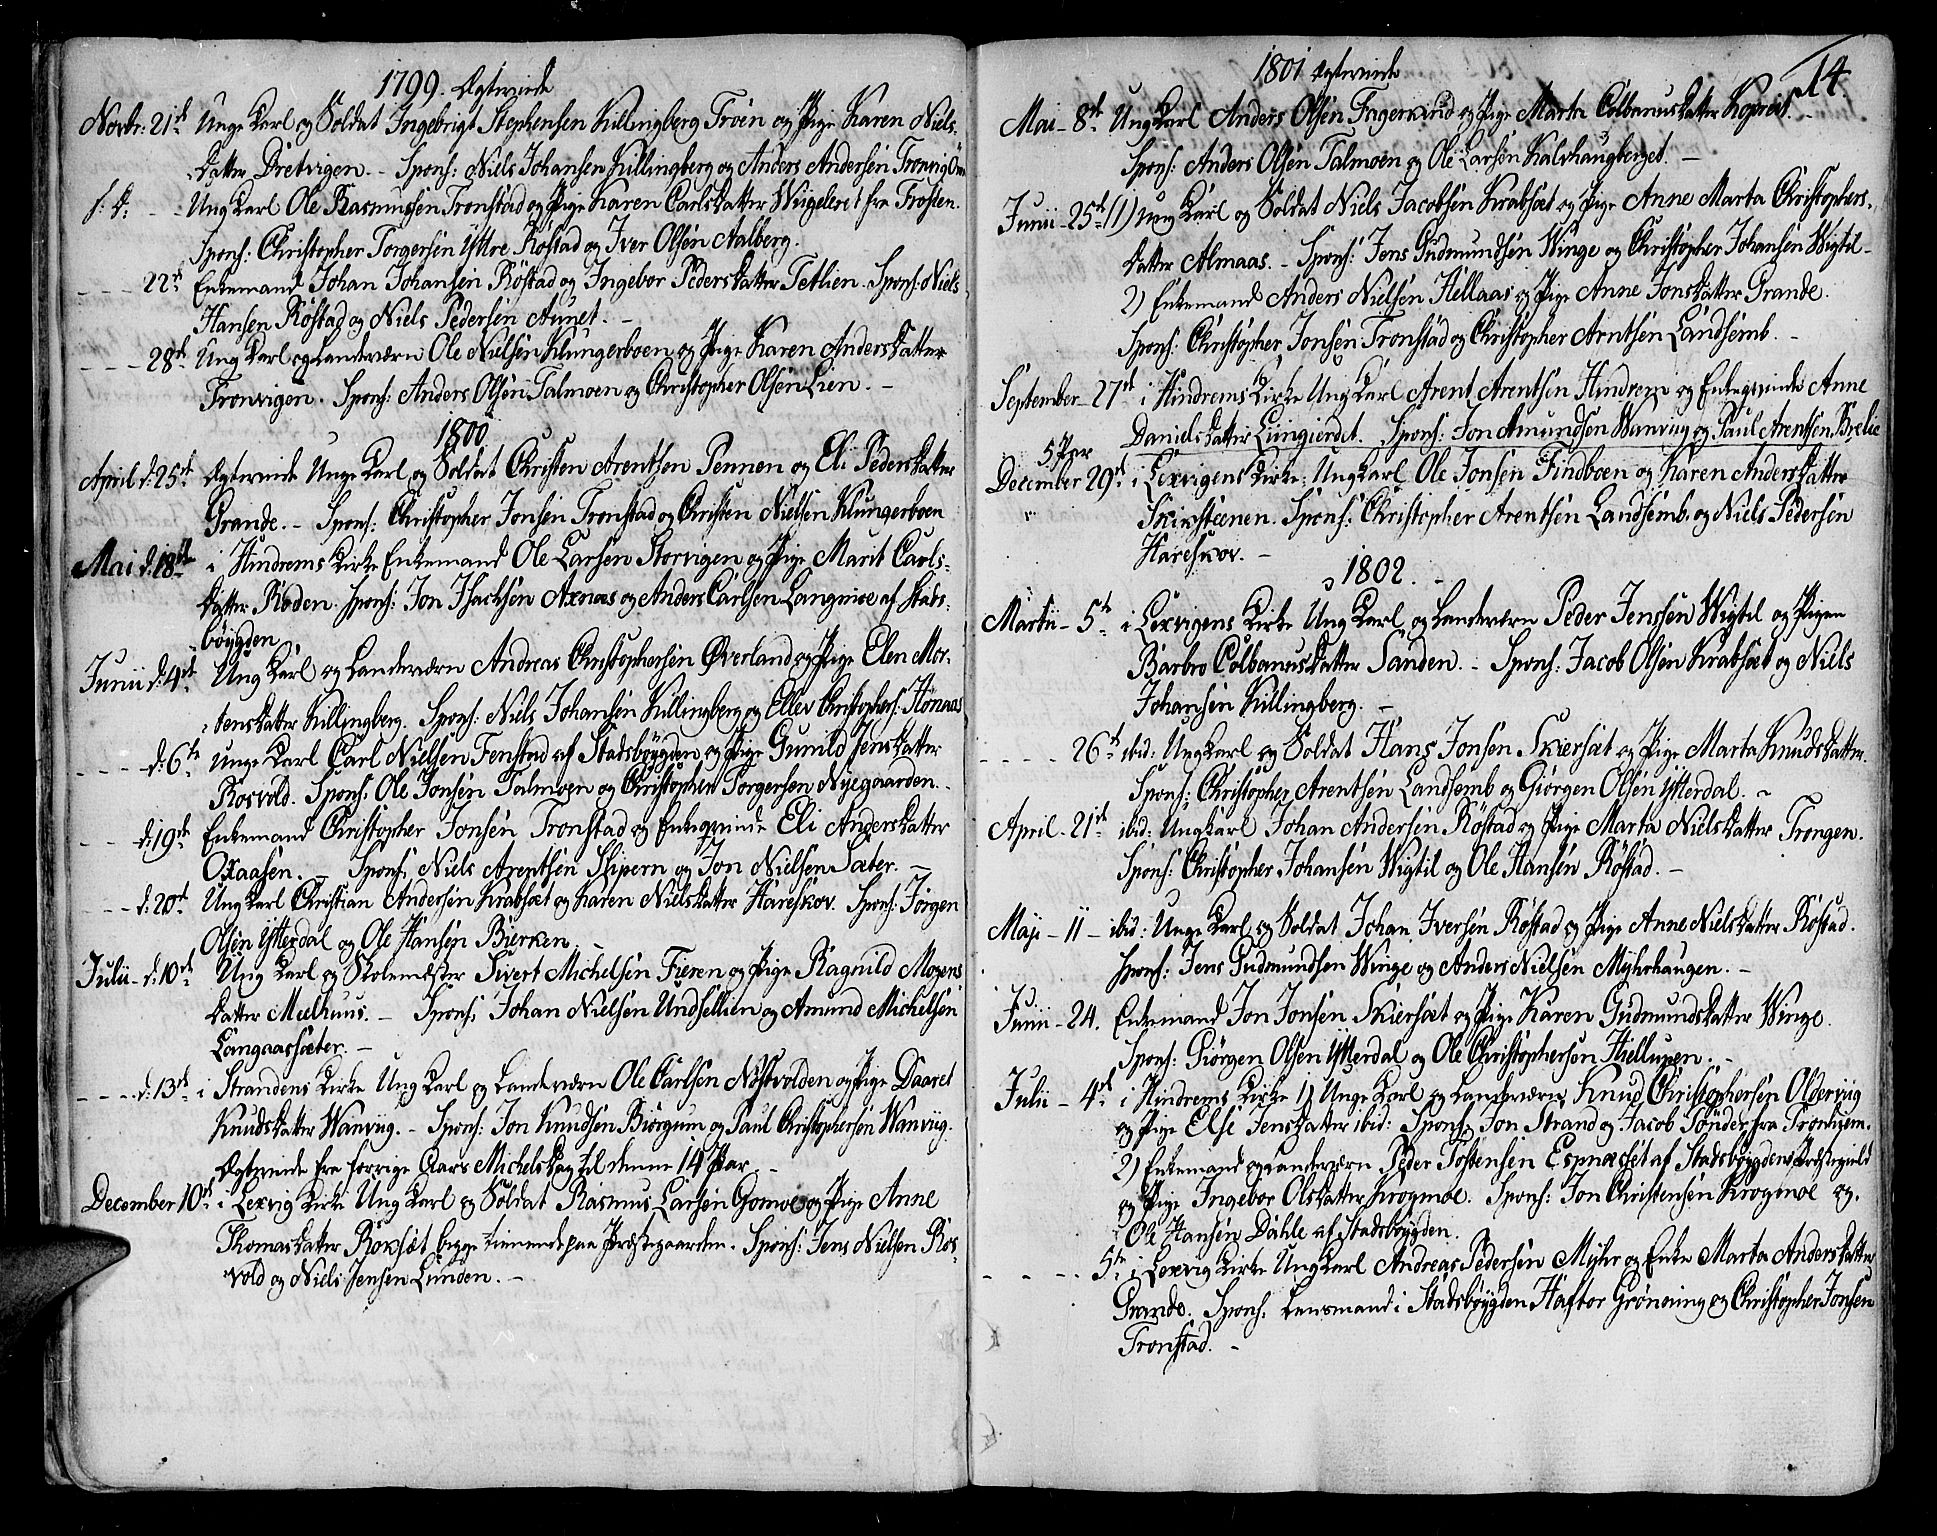 SAT, Ministerialprotokoller, klokkerbøker og fødselsregistre - Nord-Trøndelag, 701/L0004: Ministerialbok nr. 701A04, 1783-1816, s. 14